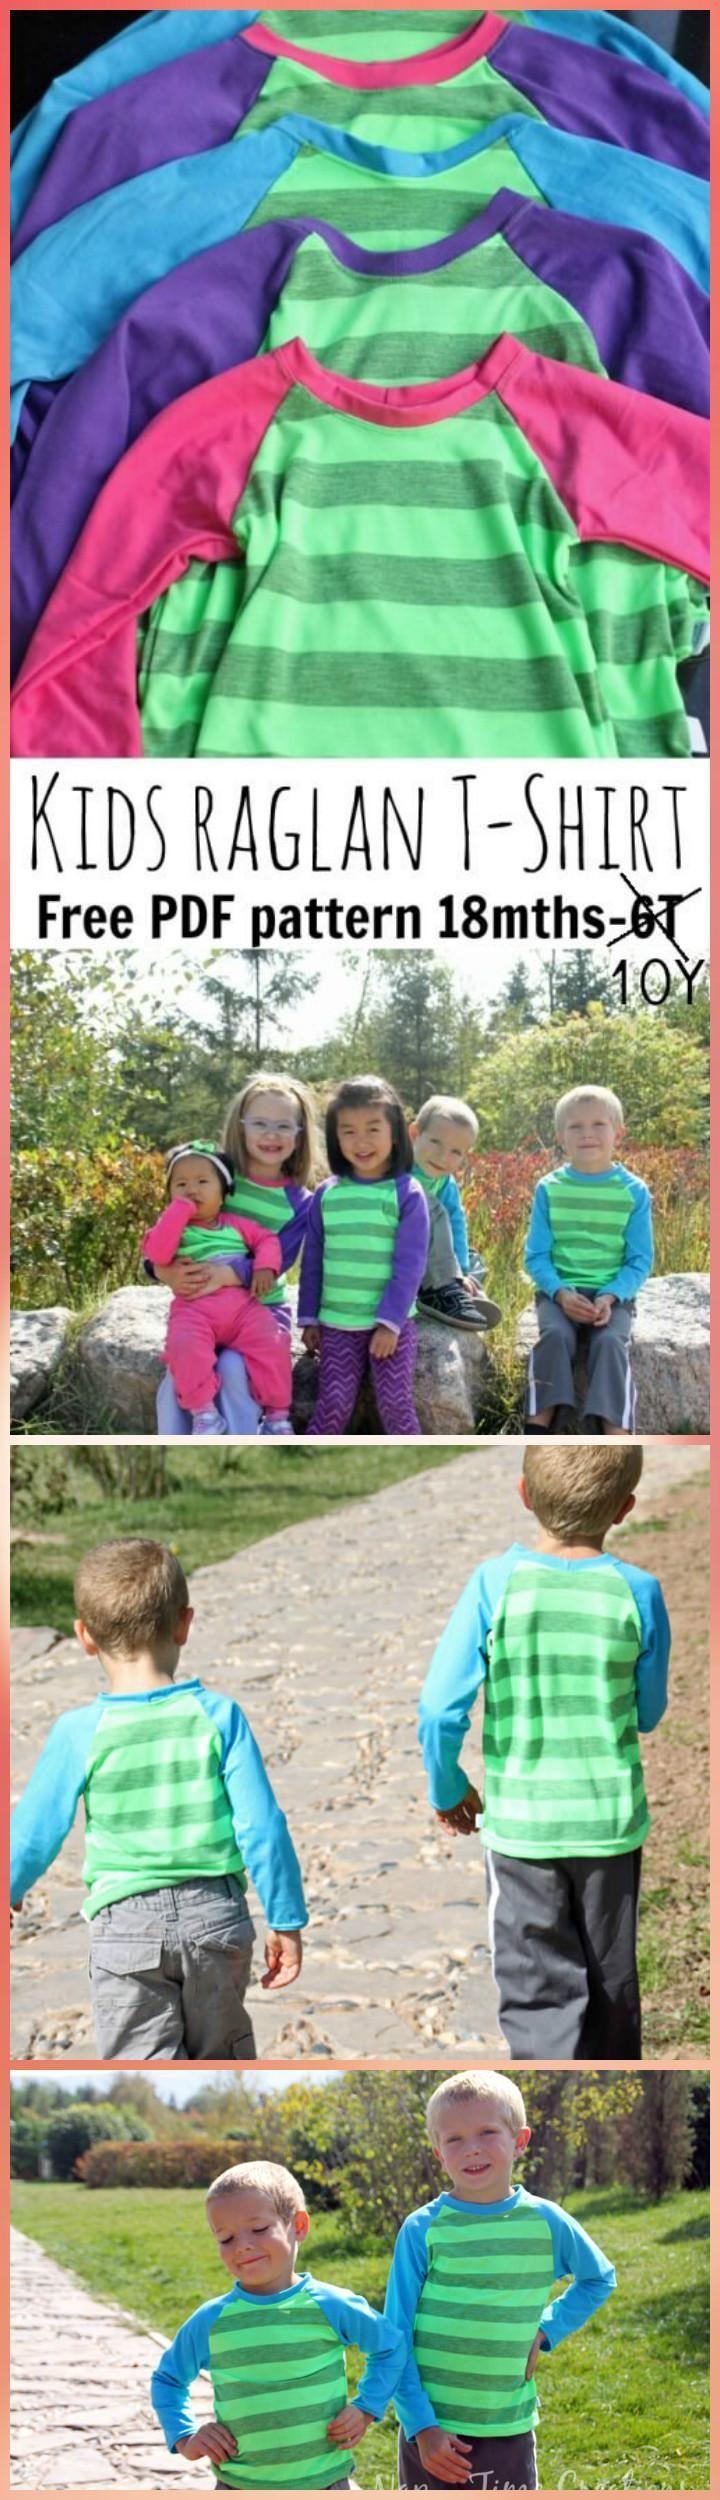 Kids easy raglan t-shirt pattern - Top 40 Free T-Shirt Sewing Patterns for Women & Kids - Page 3 of 8 - DIY & Crafts